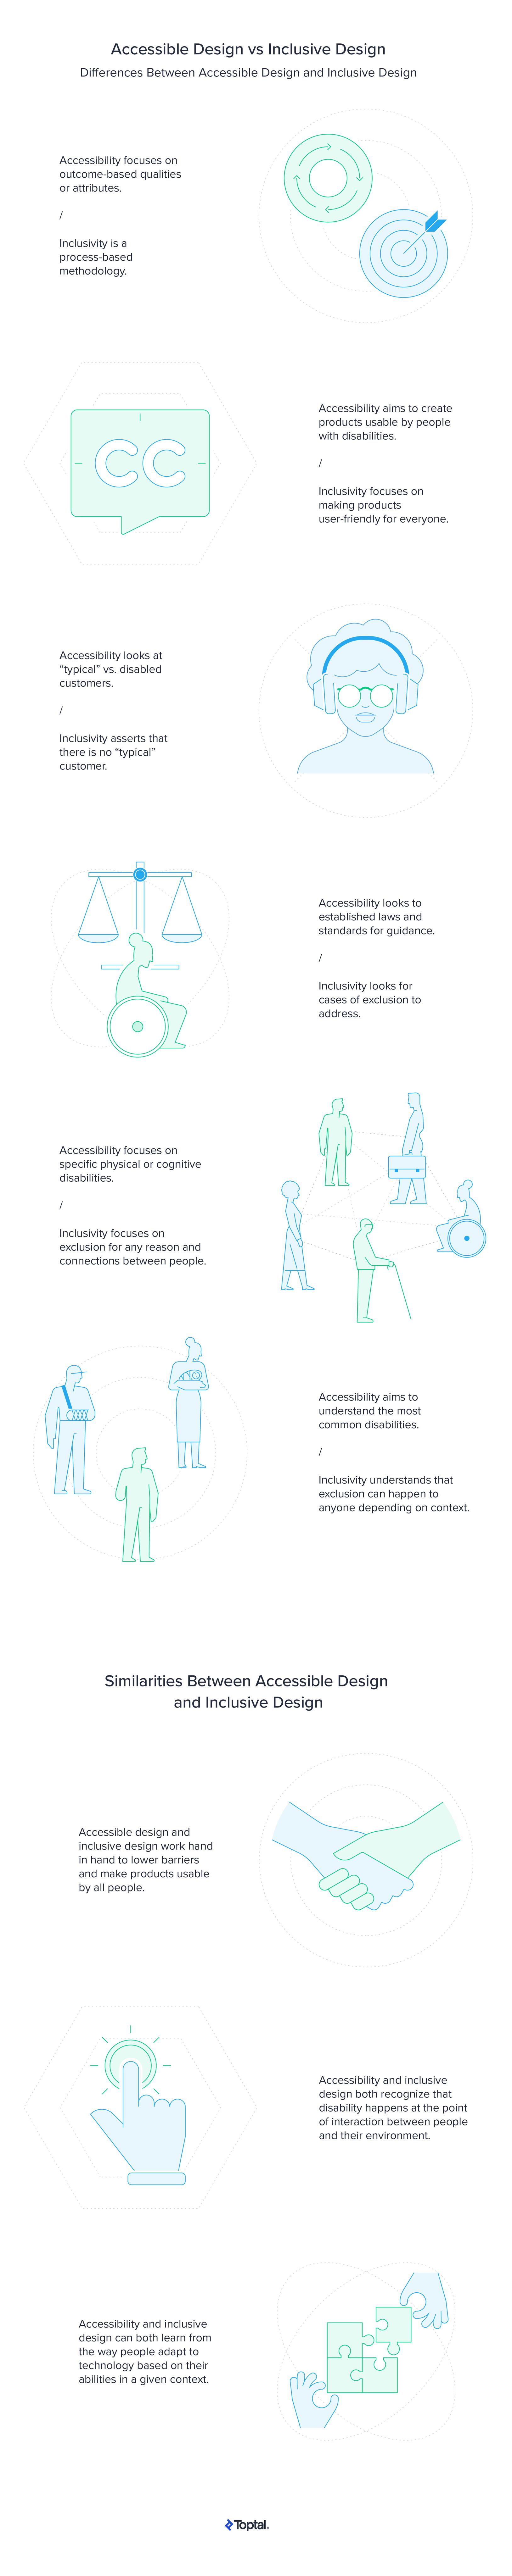 Accessible Design vs Inclusive Design Infographic